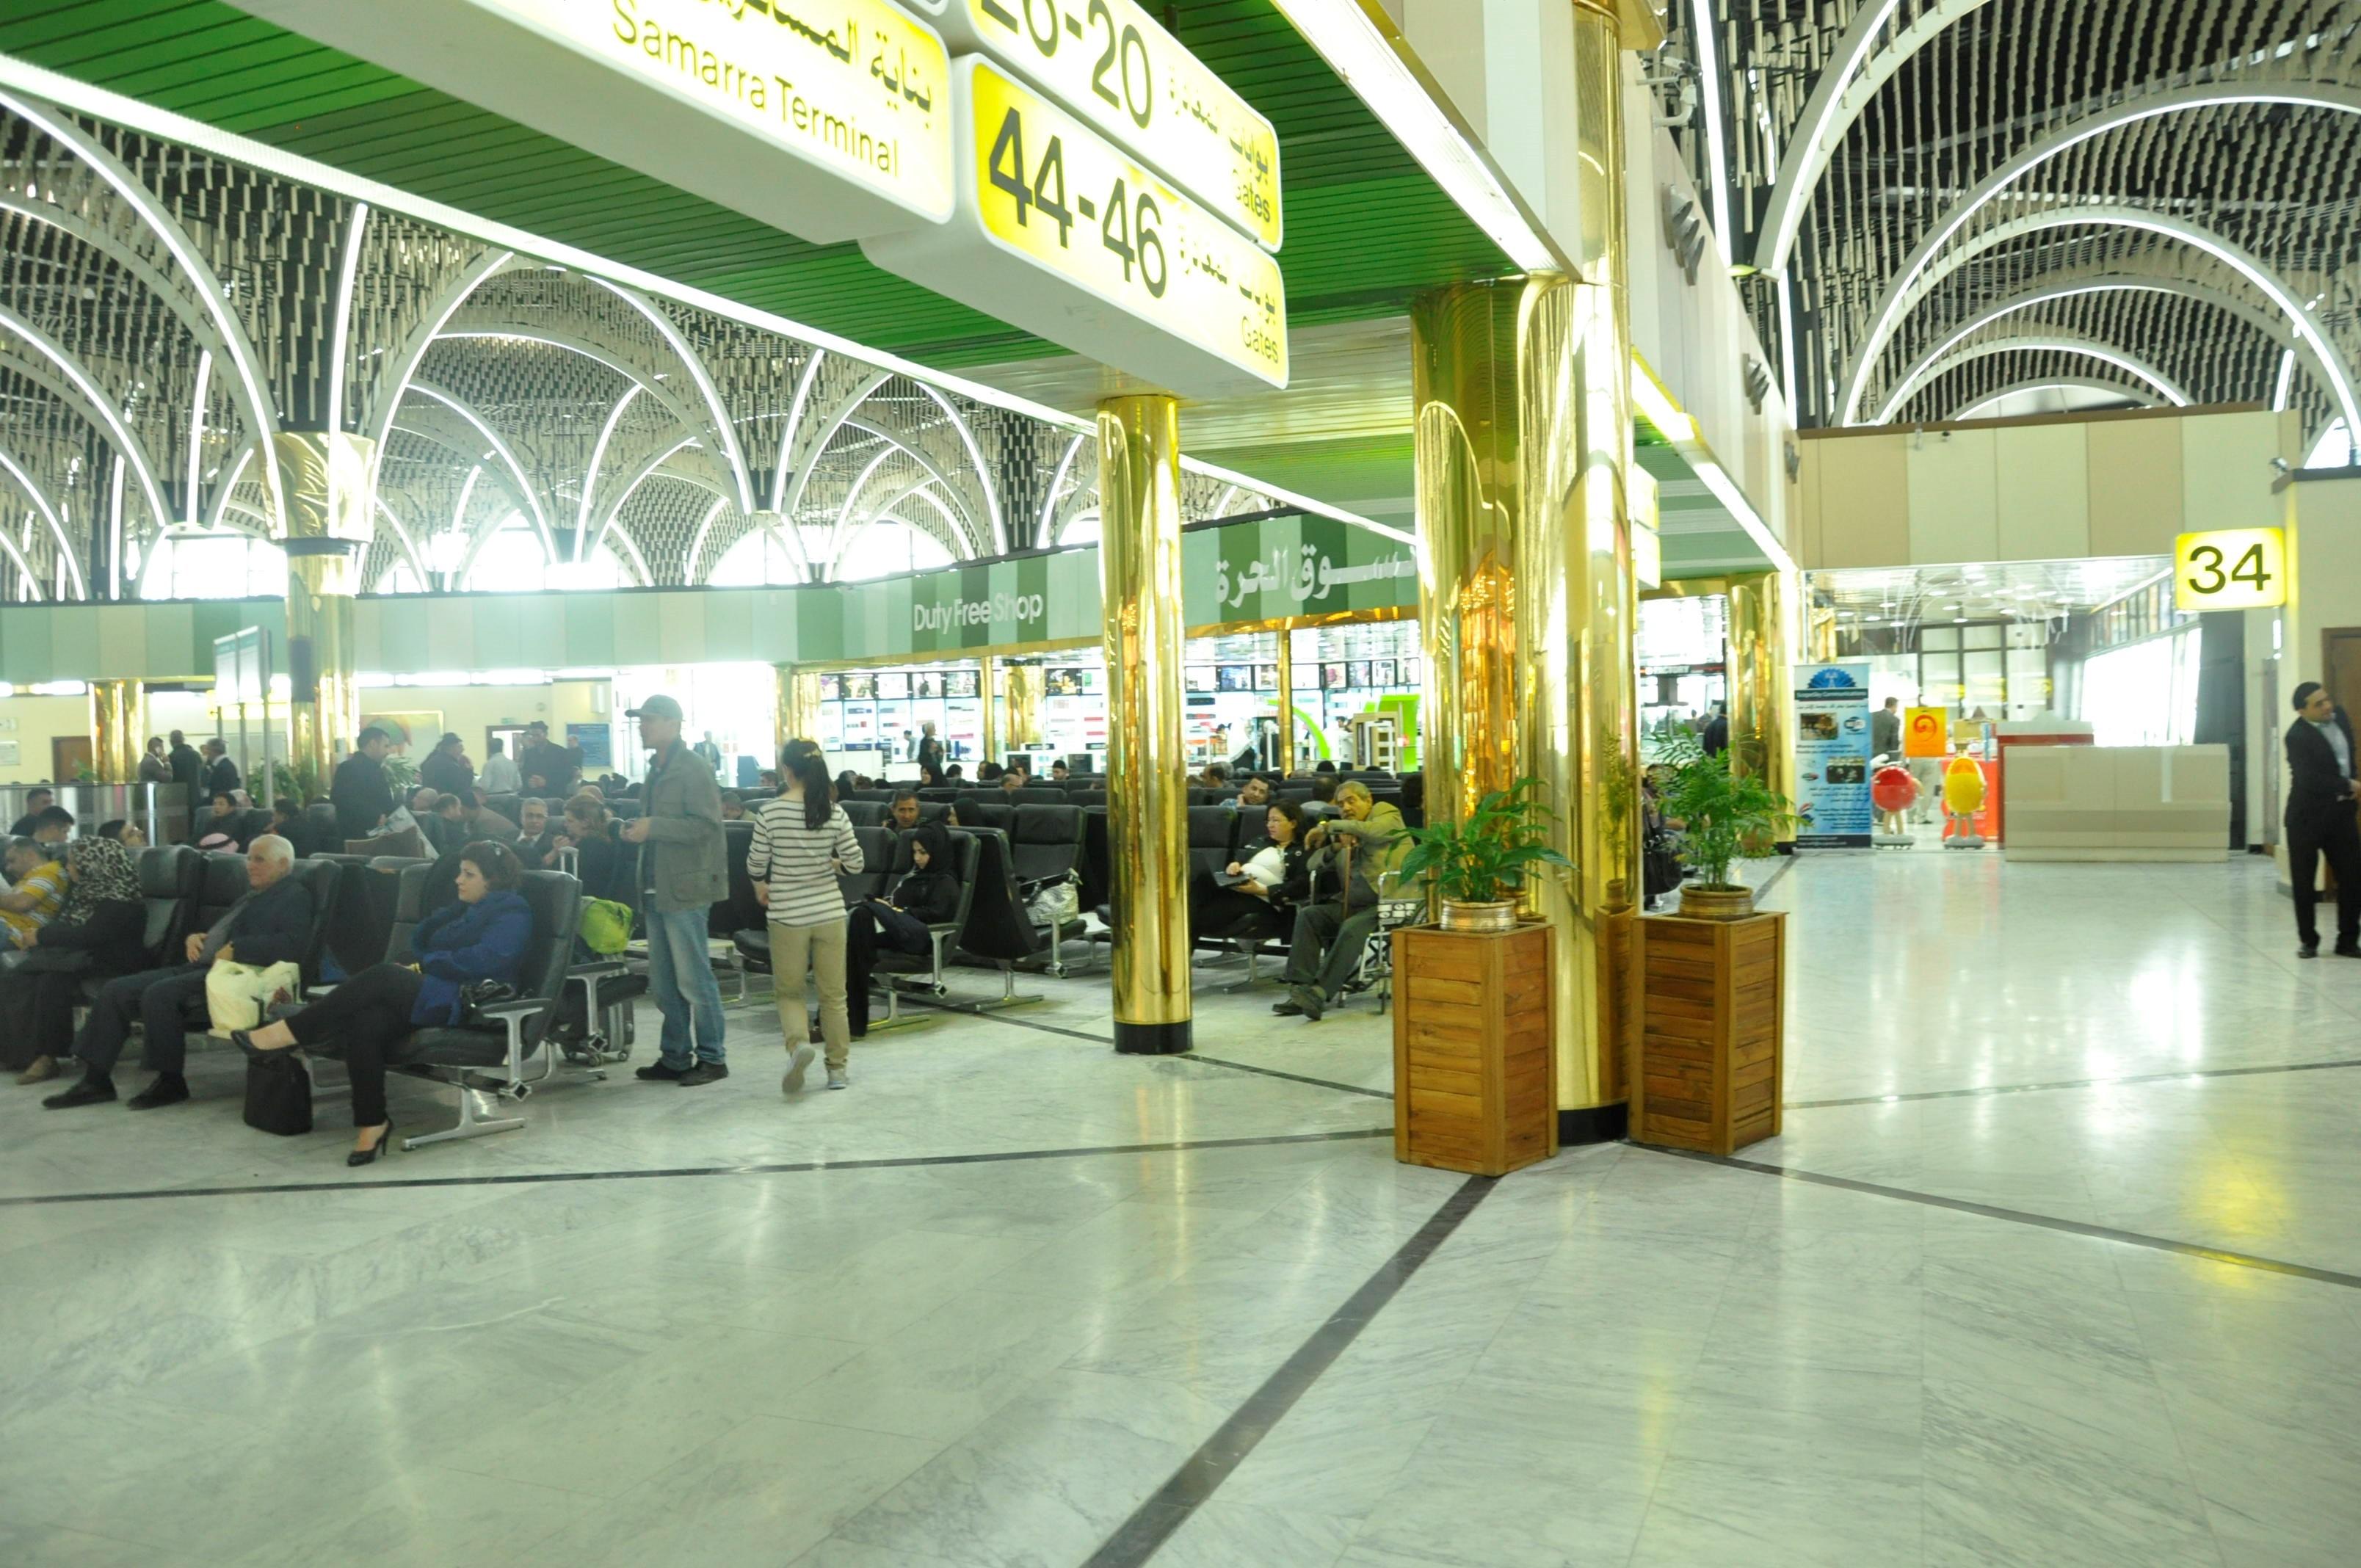 """مطار بغداد الدولي يتخذ إجراءات وقائية لفيروس """"كورونا"""""""